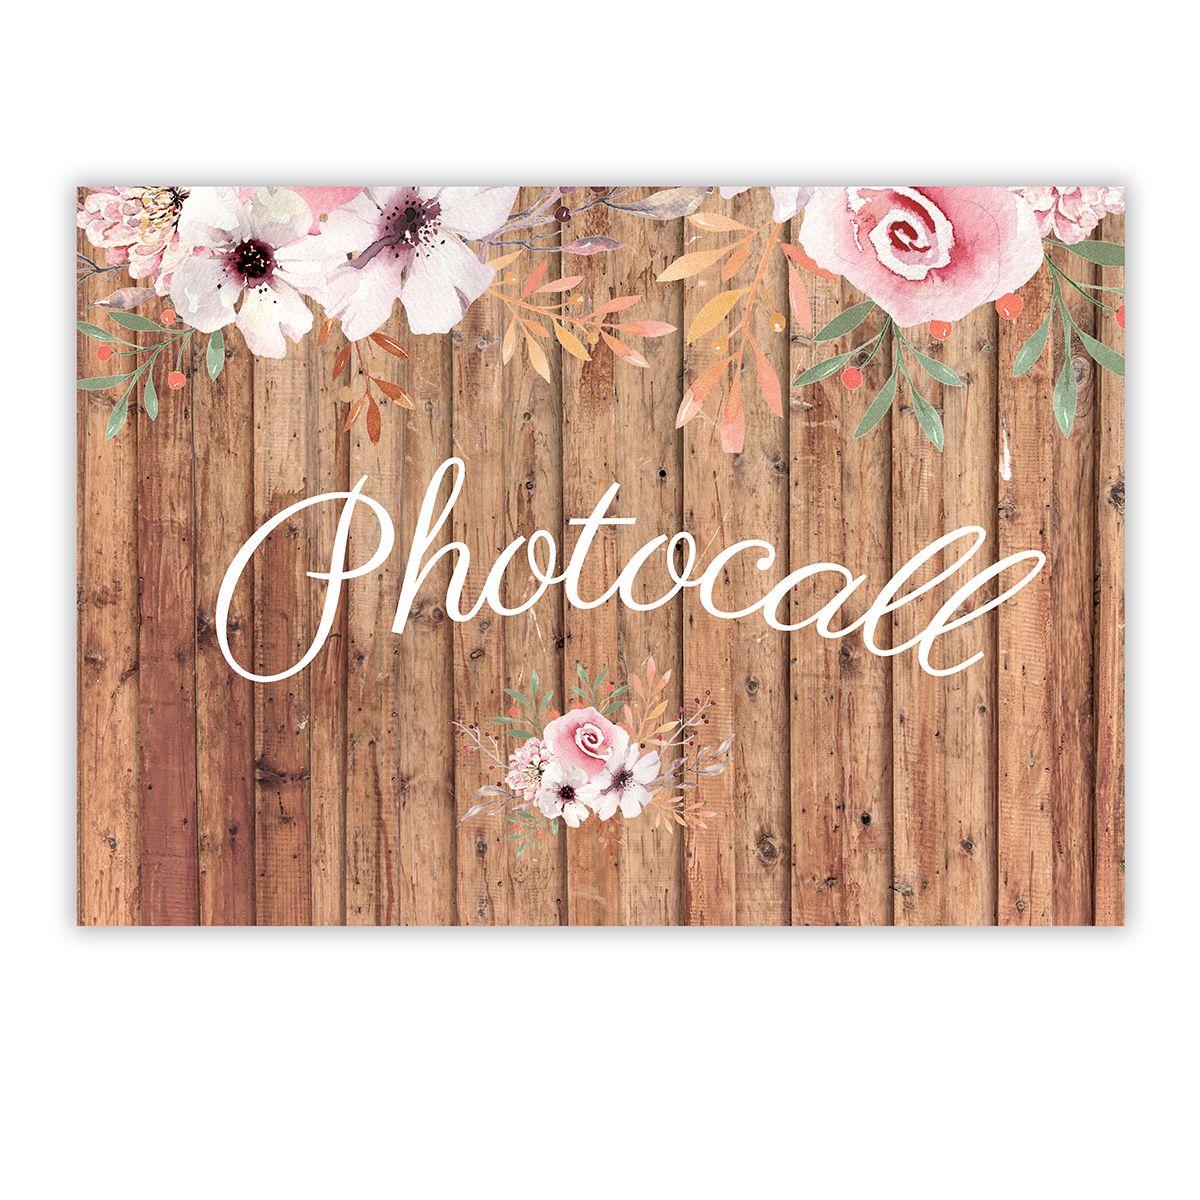 Cartel Photocall Winona